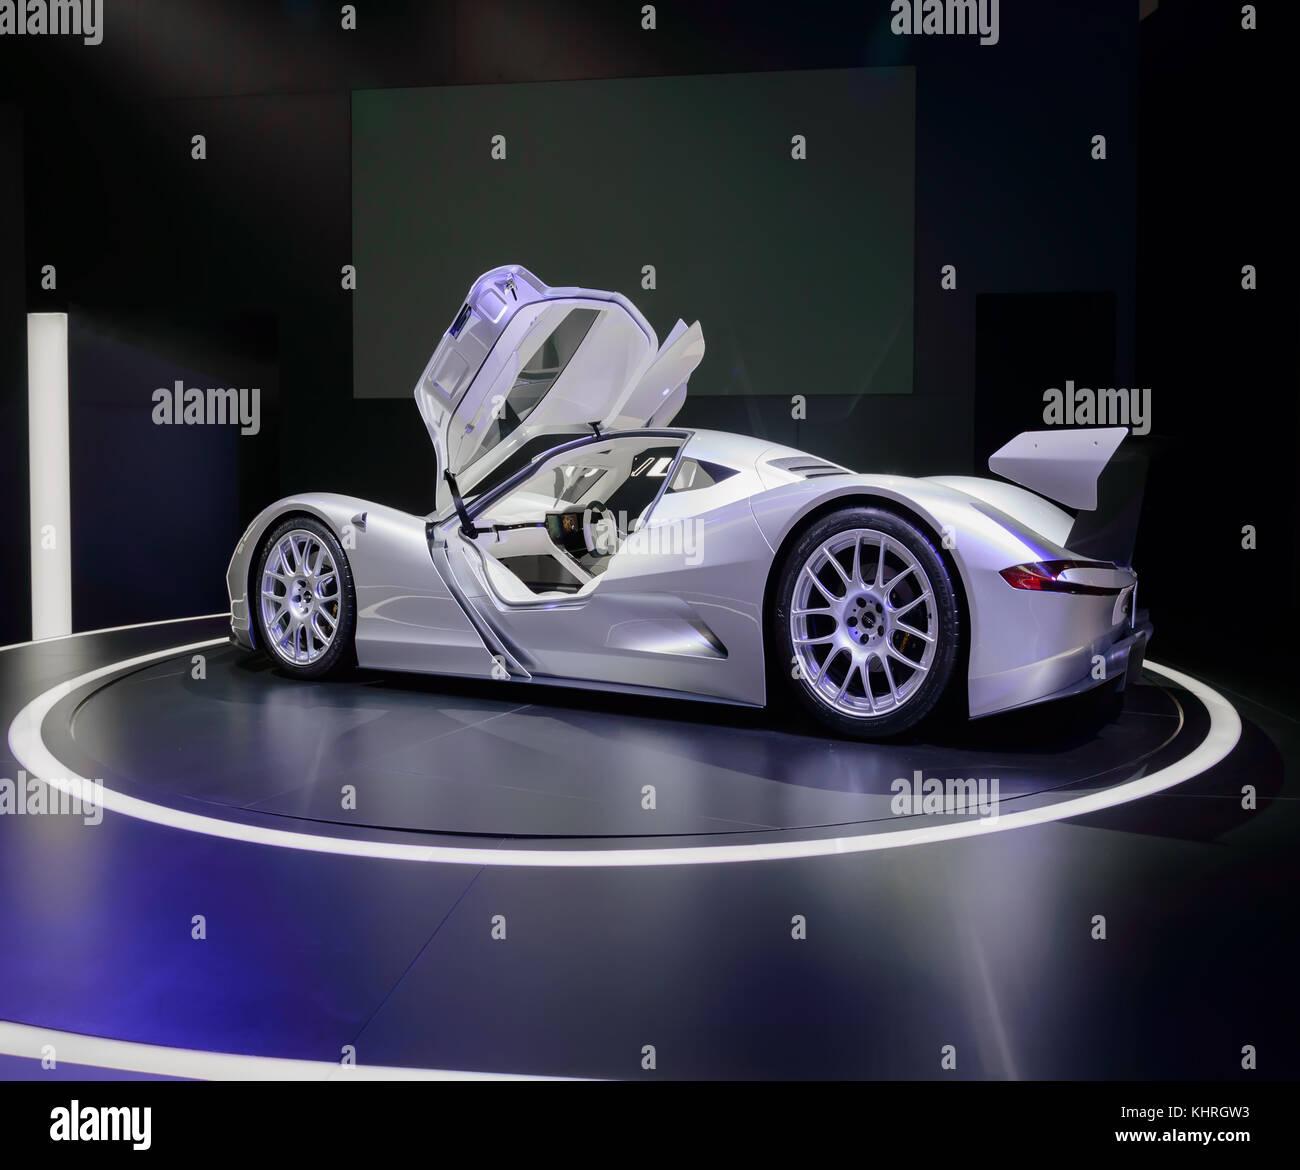 Francoforte, Germania - Sep 17, 2017: aspark owl, supercar elettrica dal Giappone, è il più veloce in Immagini Stock